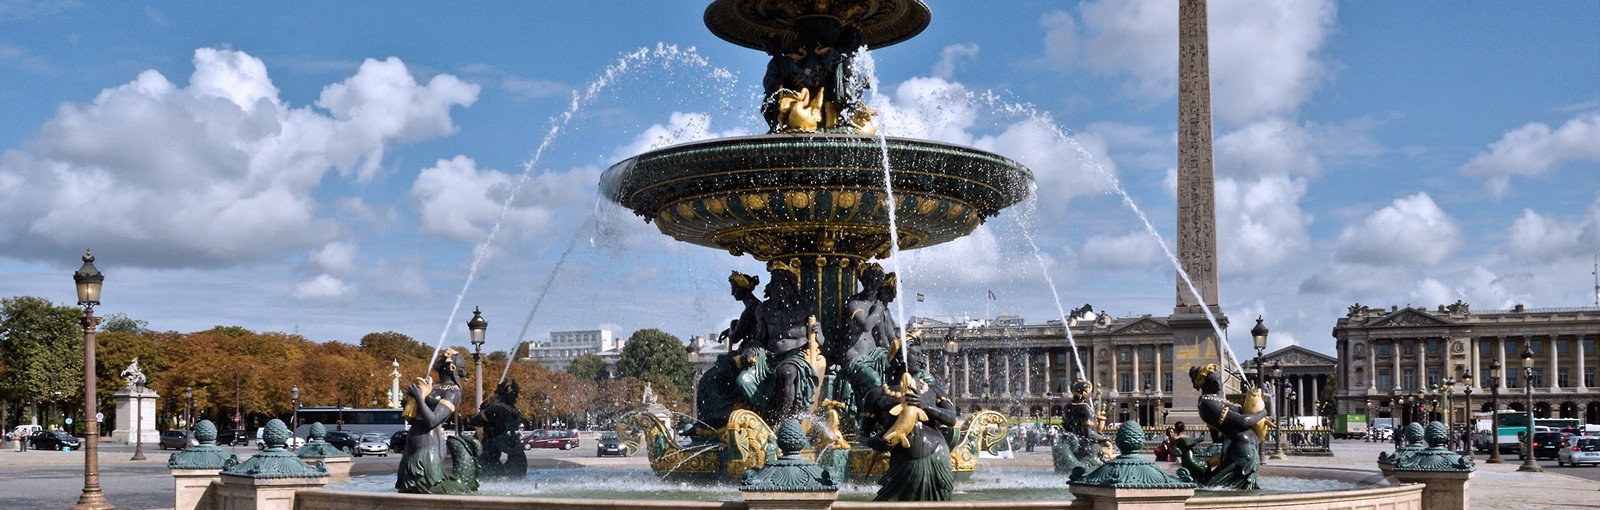 Tours Visita de Paris - Tours de ciudad - Visitas de Paris